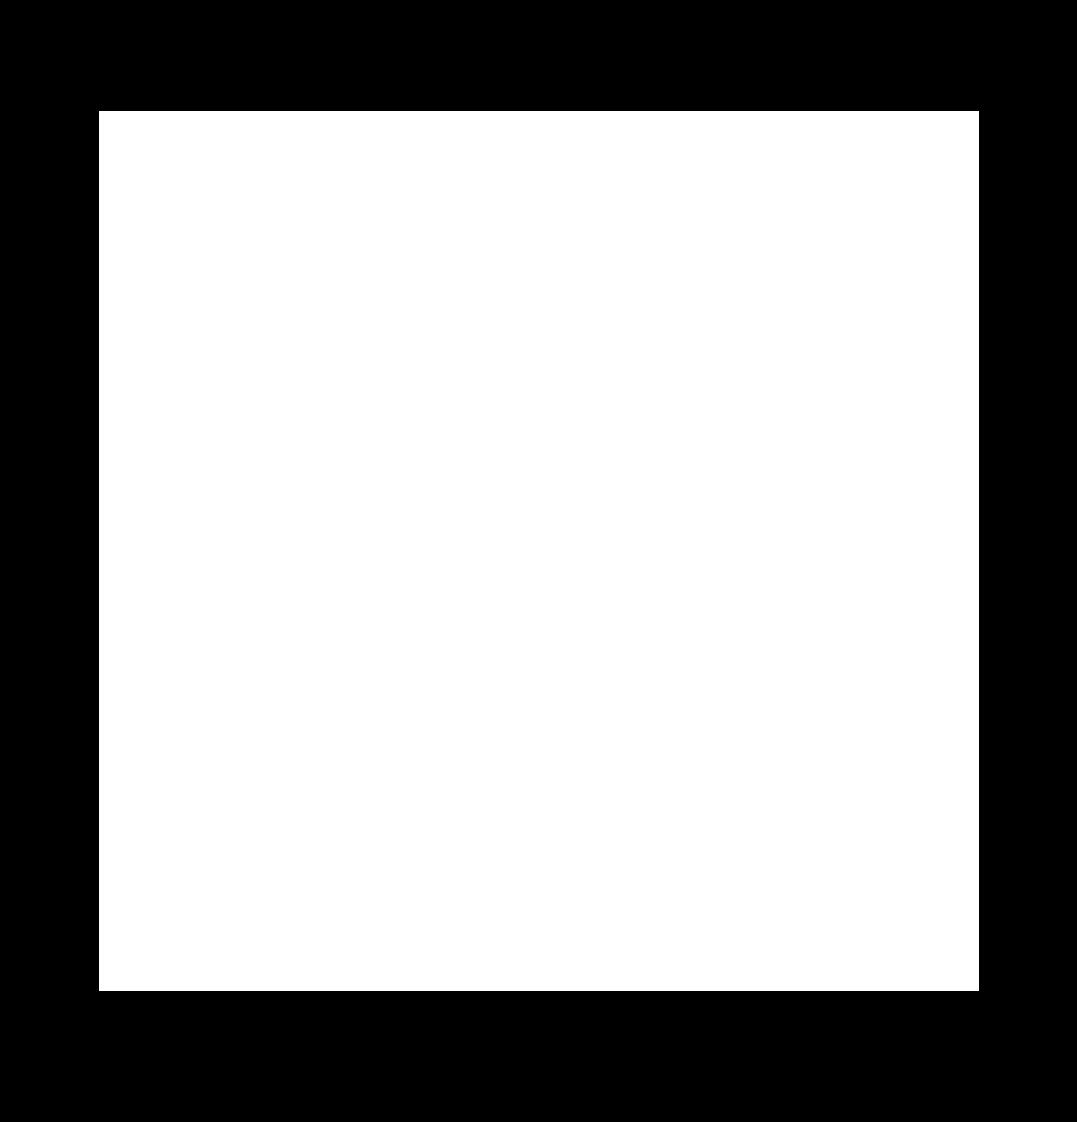 Gambar Segiempat 35x35